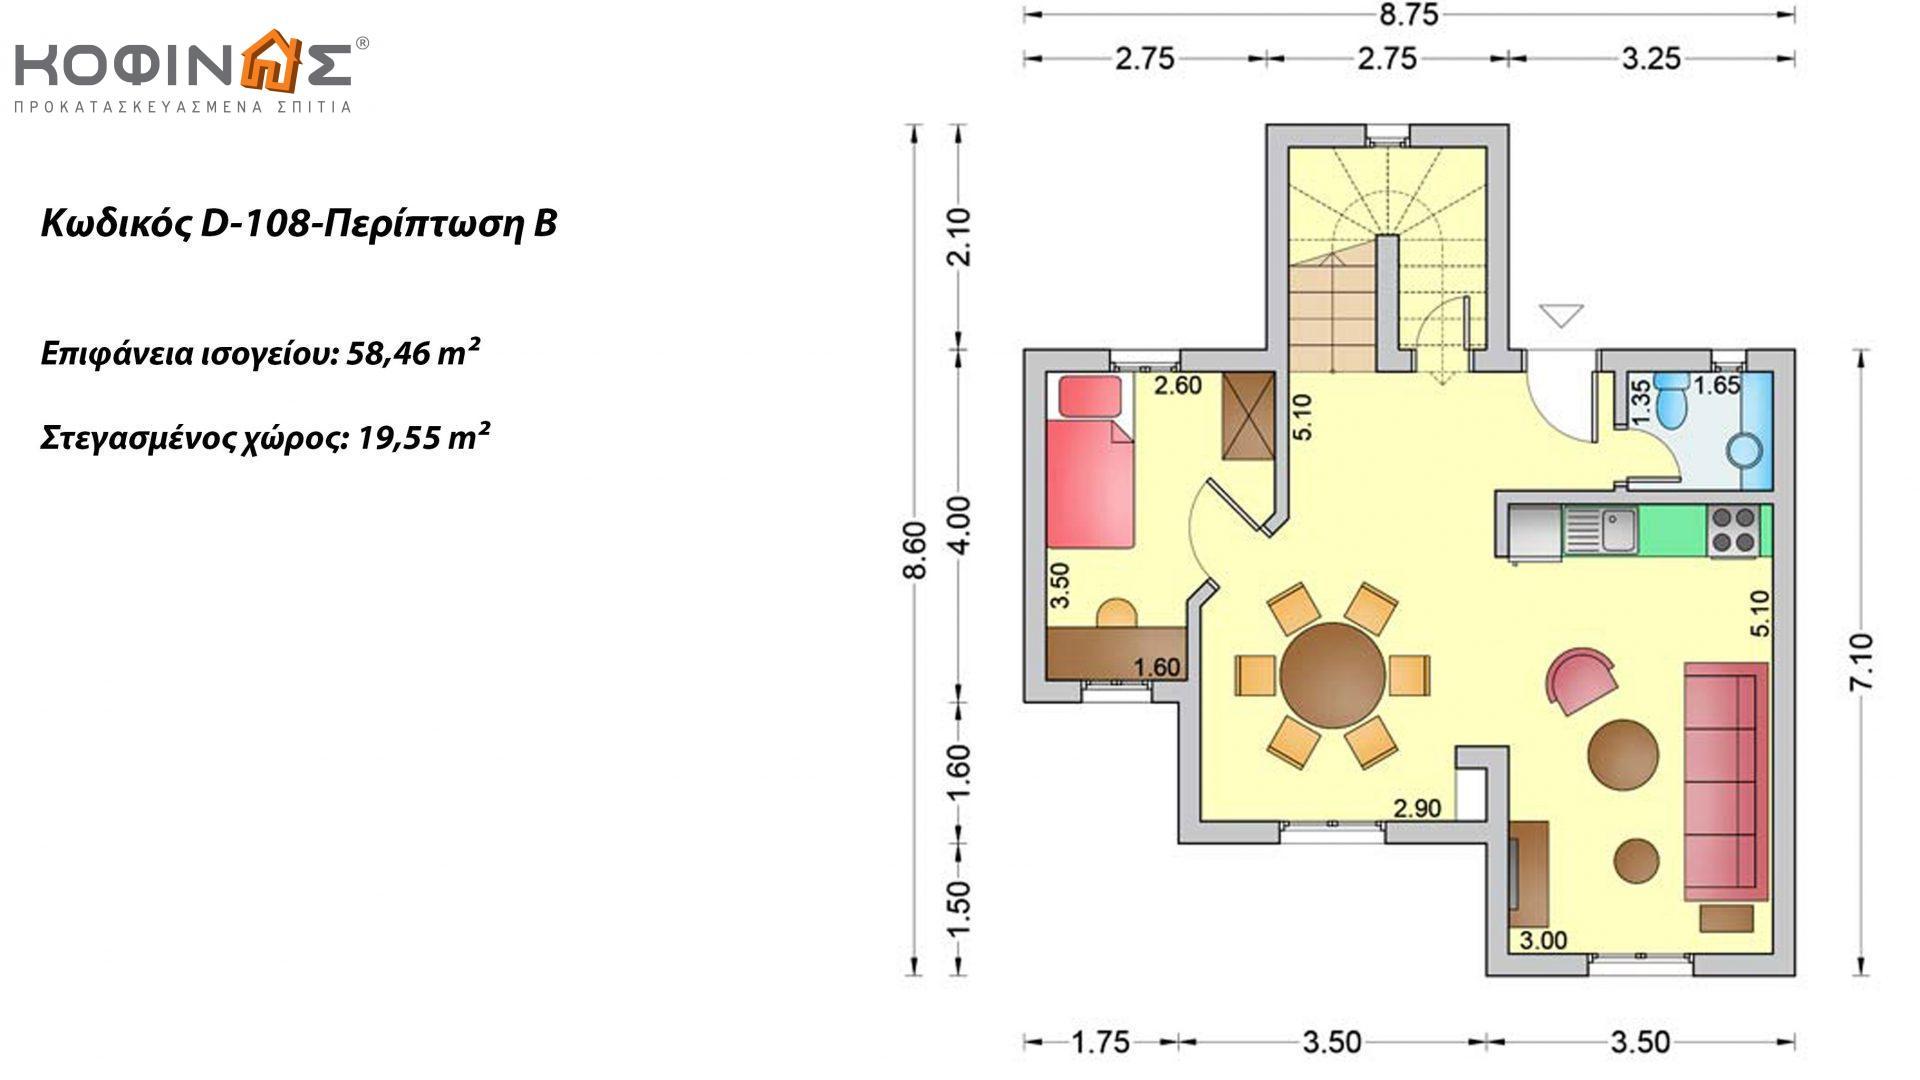 Διώροφη Κατοικία D-108, συνολικής επιφάνειας 108,07 τ.μ., συνολική επιφάνεια στεγασμένων χώρων 19,55 τ.μ., μπαλκόνια 7,30 τ.μ.